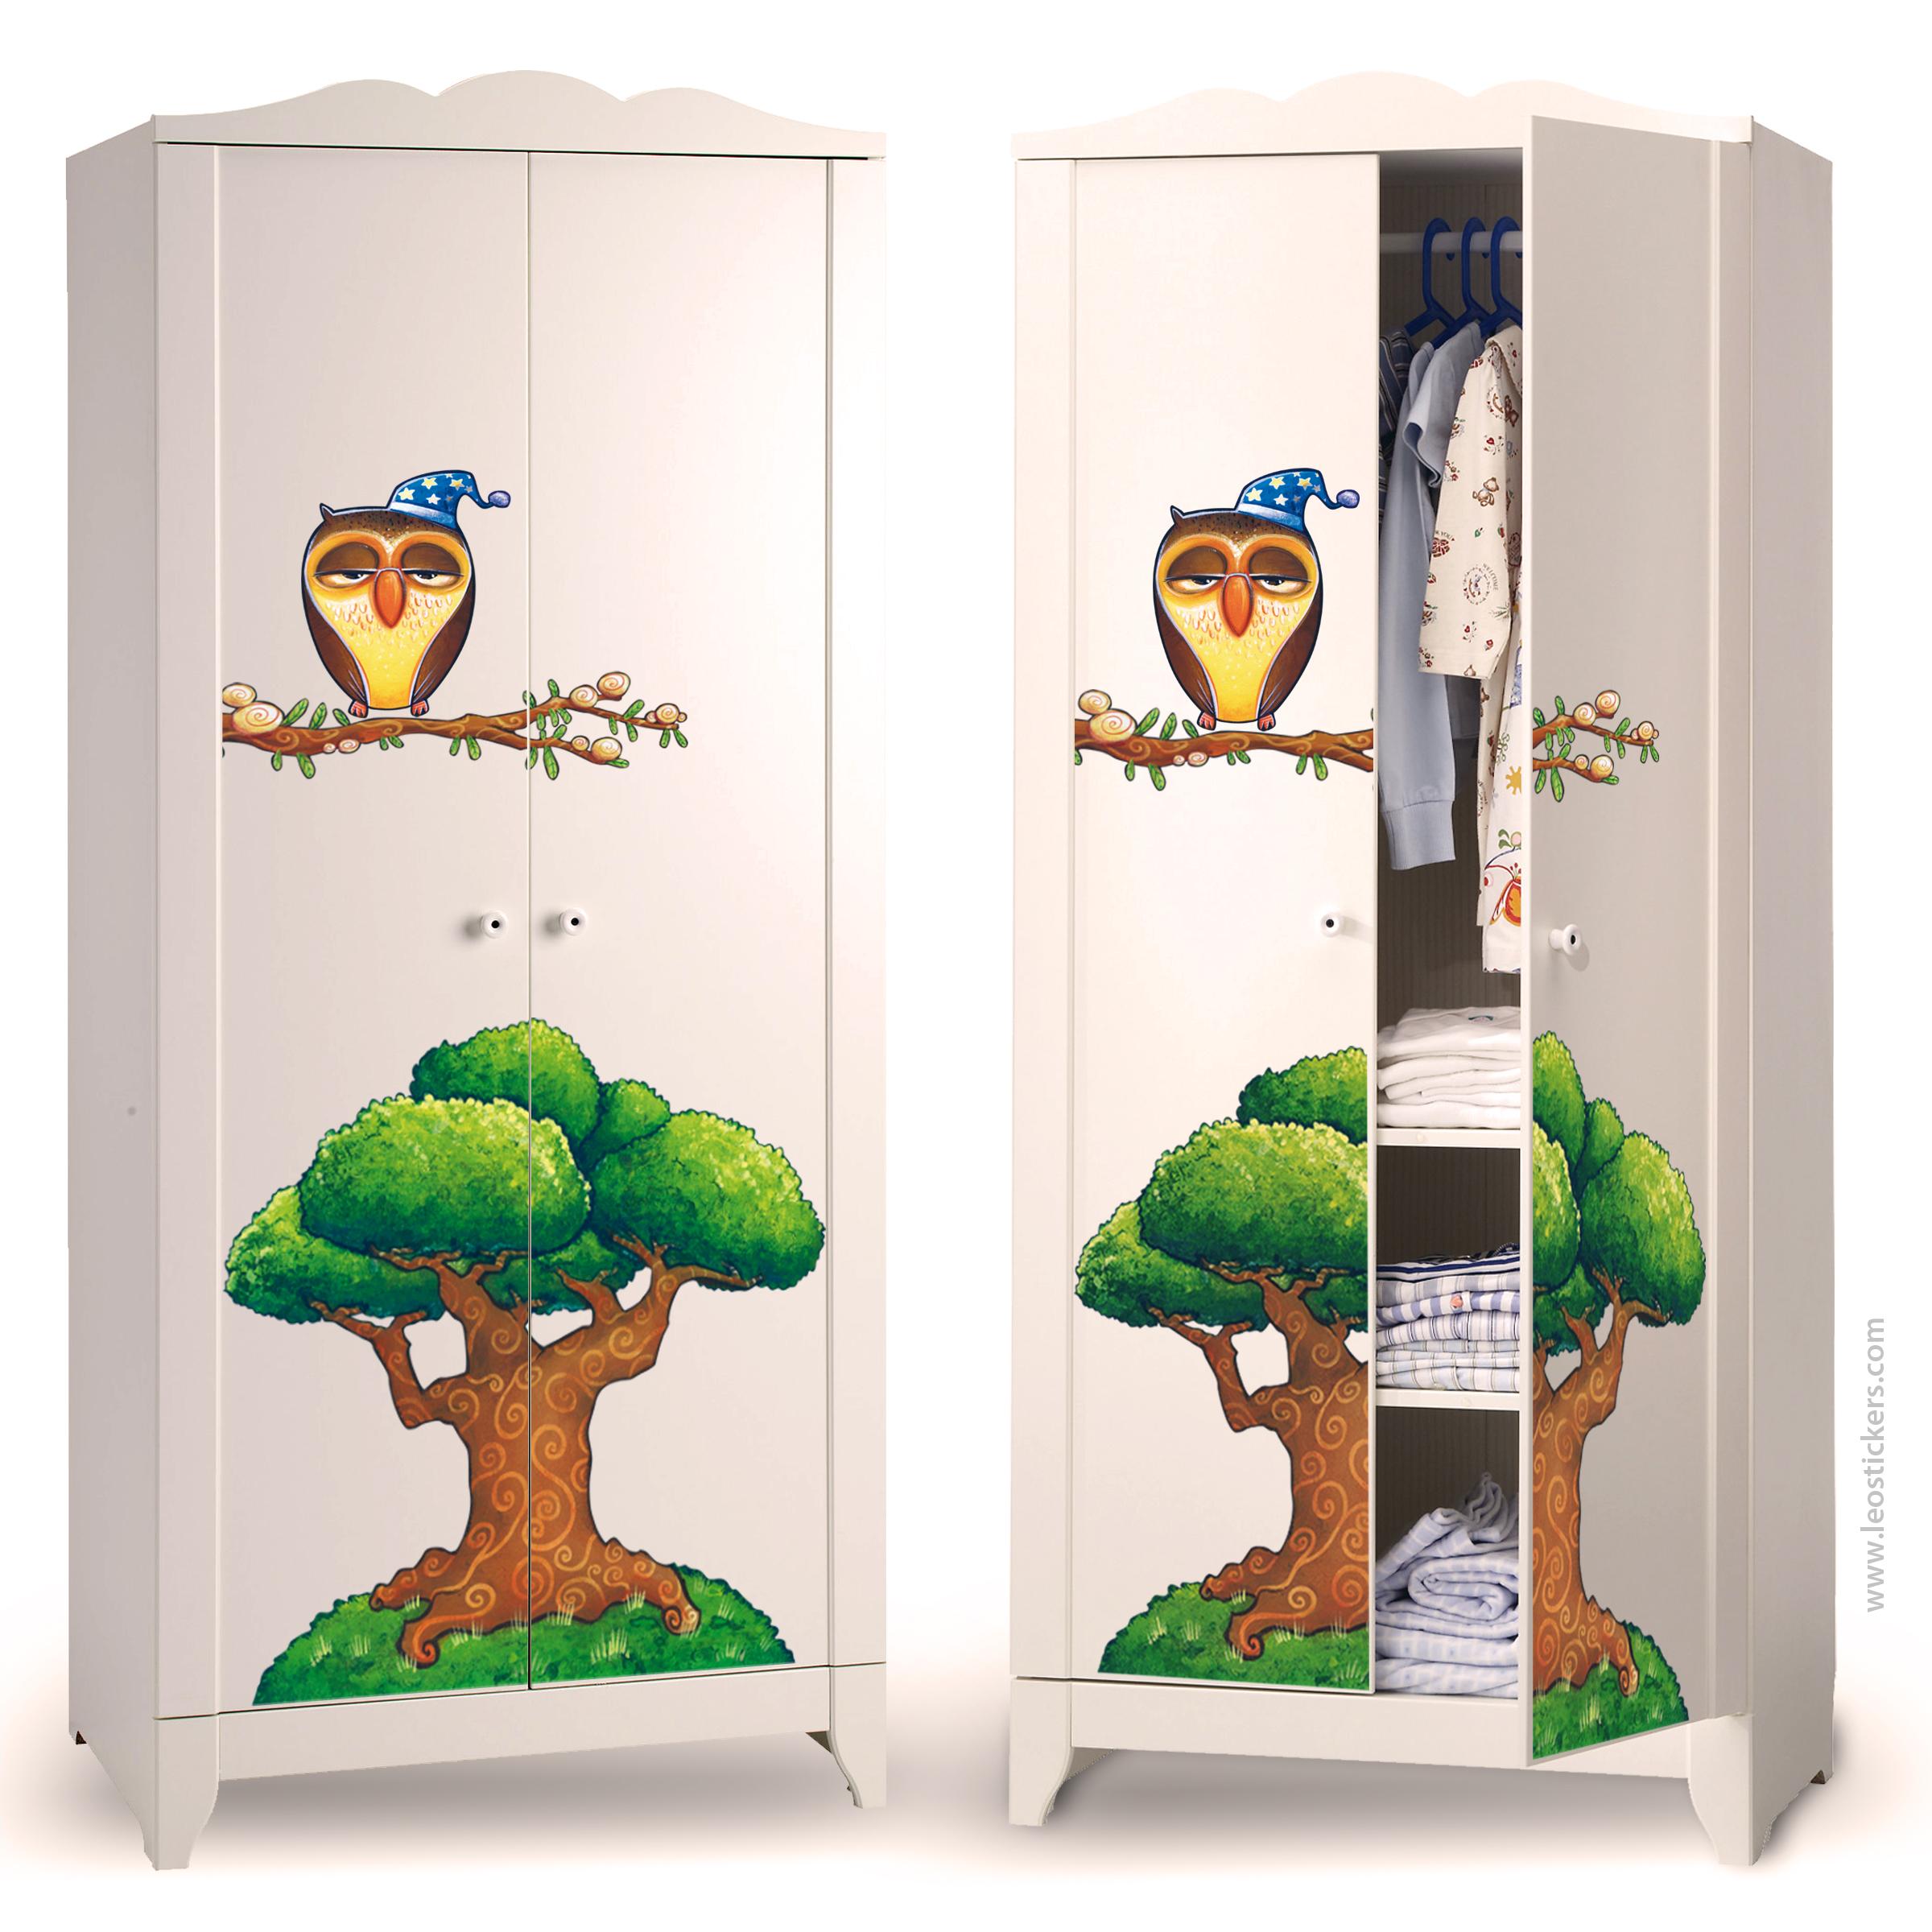 Adesivi per decorare i mobili dei bambini leostickers for Decorazioni per camerette